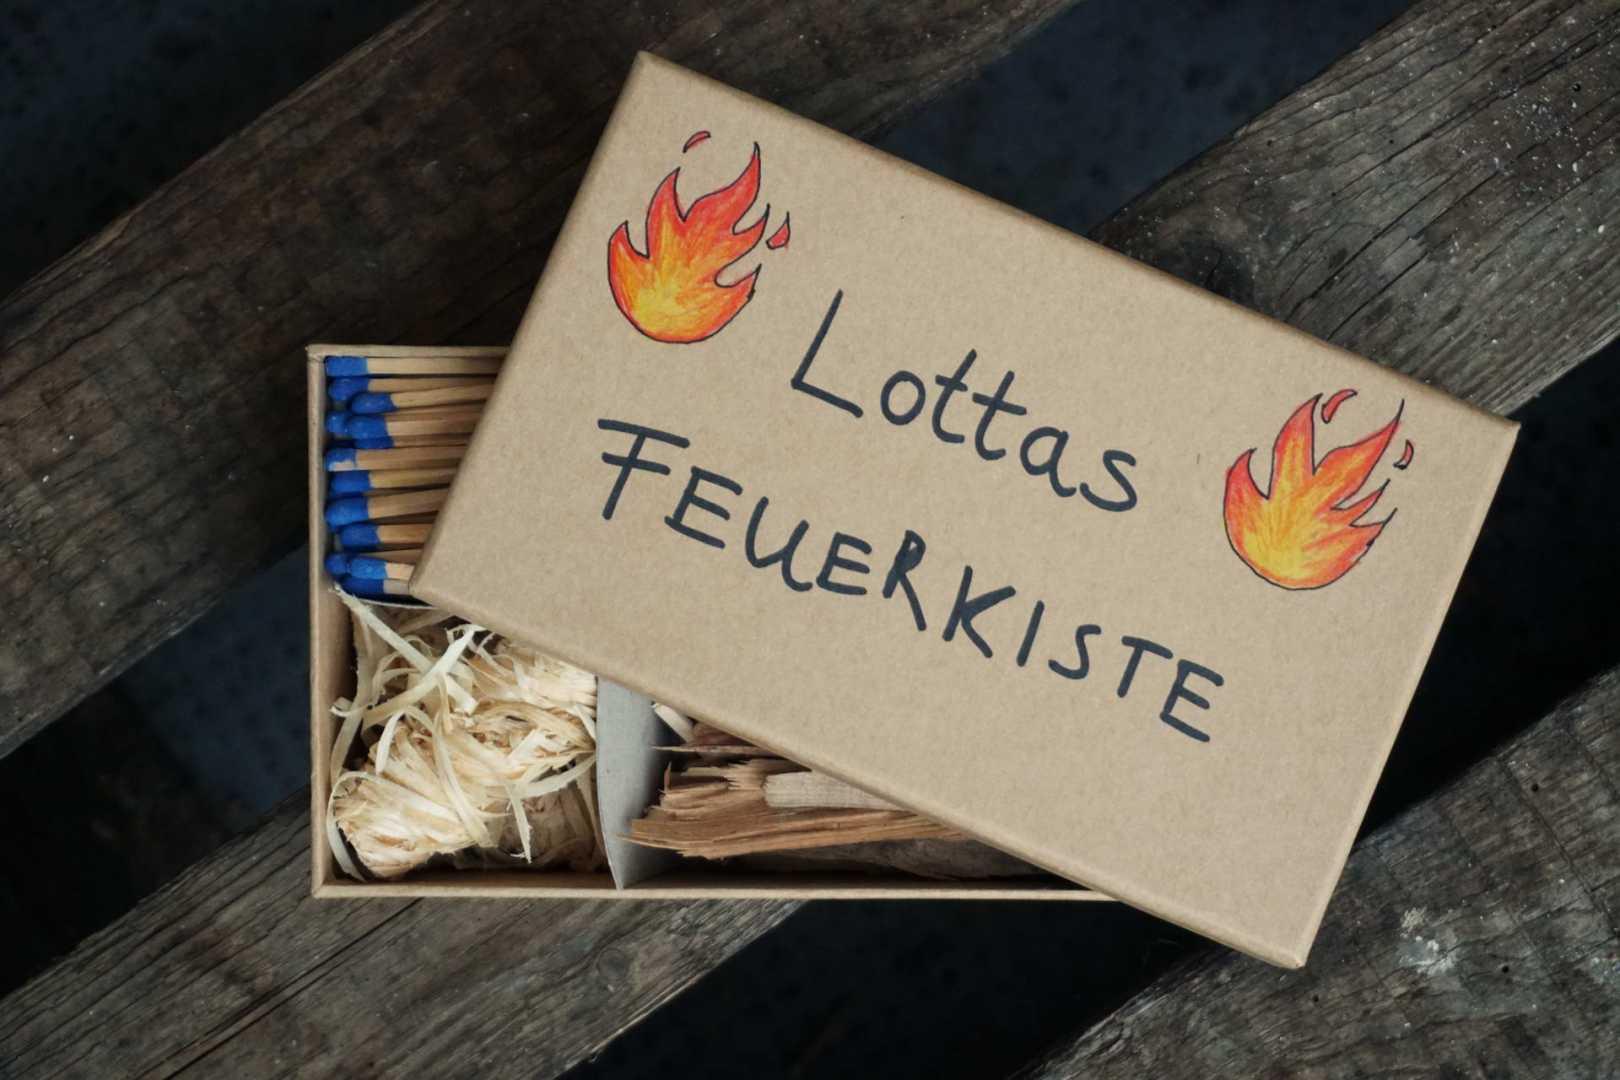 Lottas Feuerkiste Geschenk